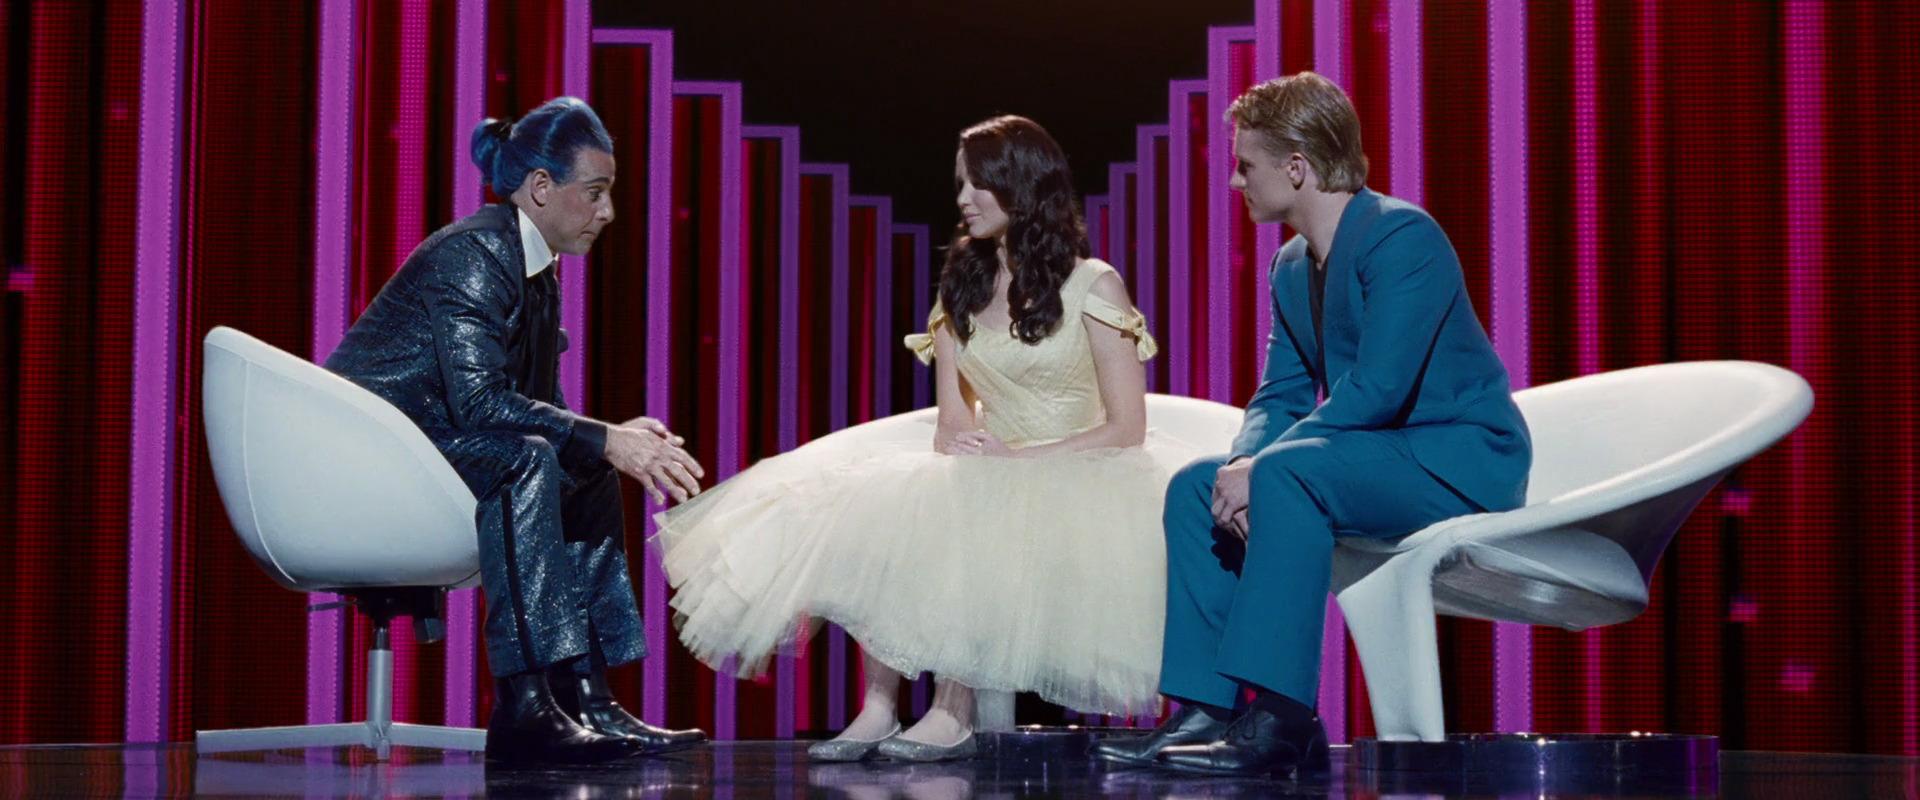 Imagen Entrevista De Katniss Y Peeta Luego De Los 74 Juegos Del